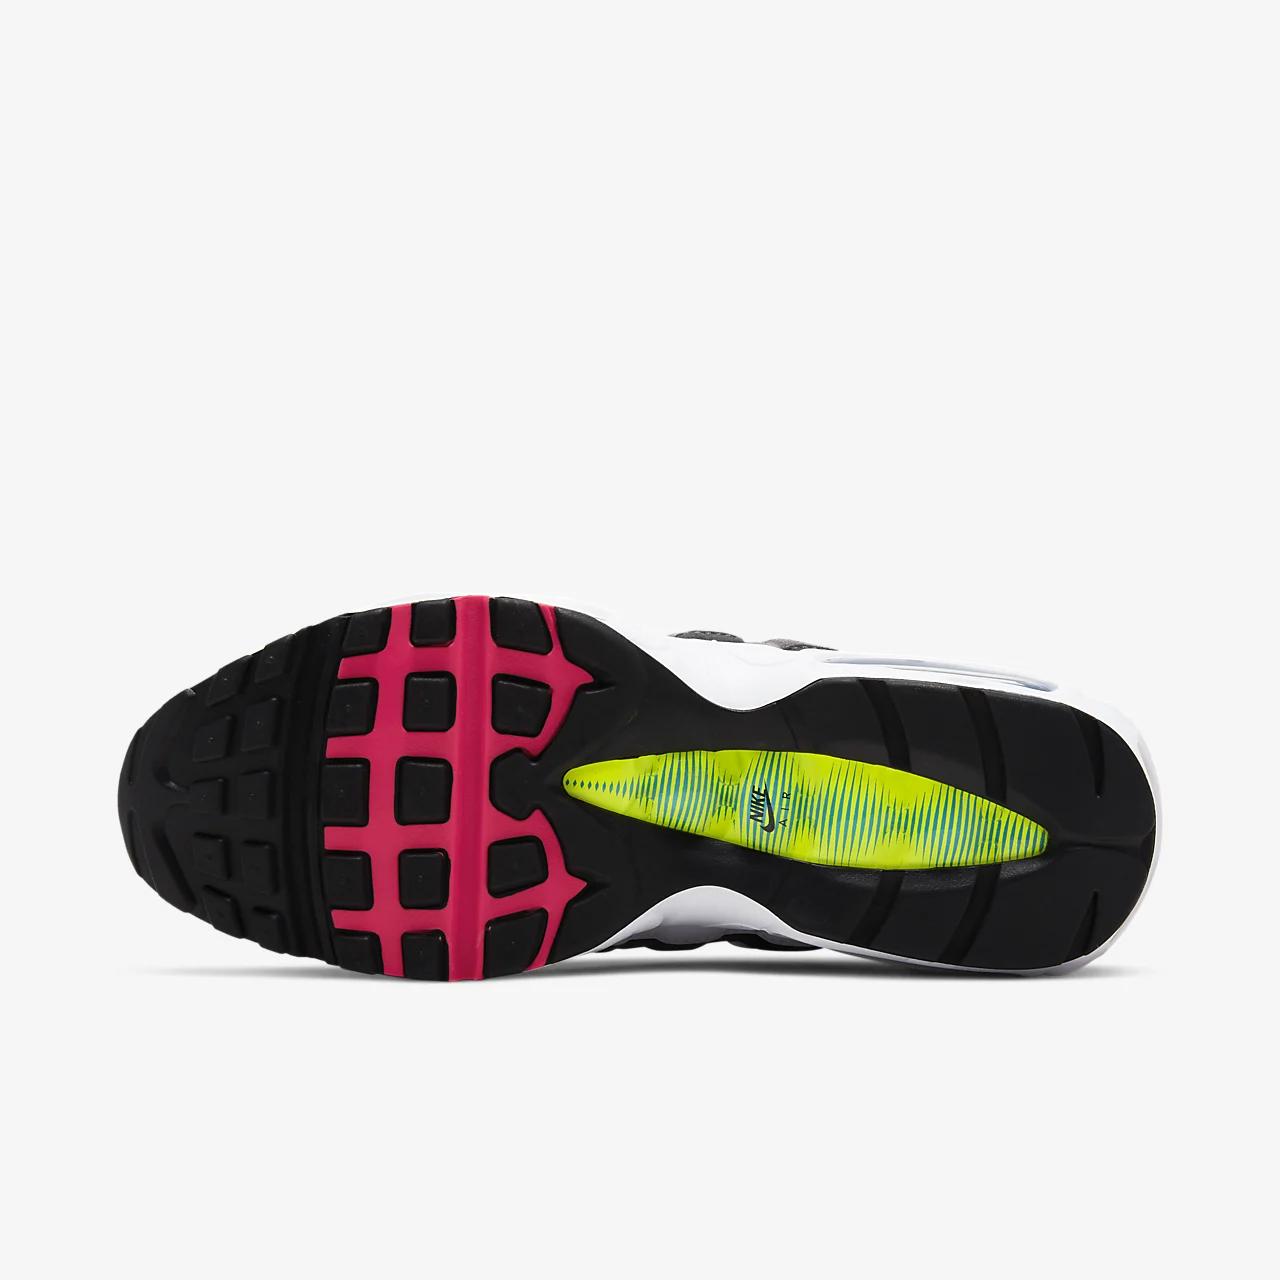 나이키 에어 맥스 95 남성 신발 CJ0589-001